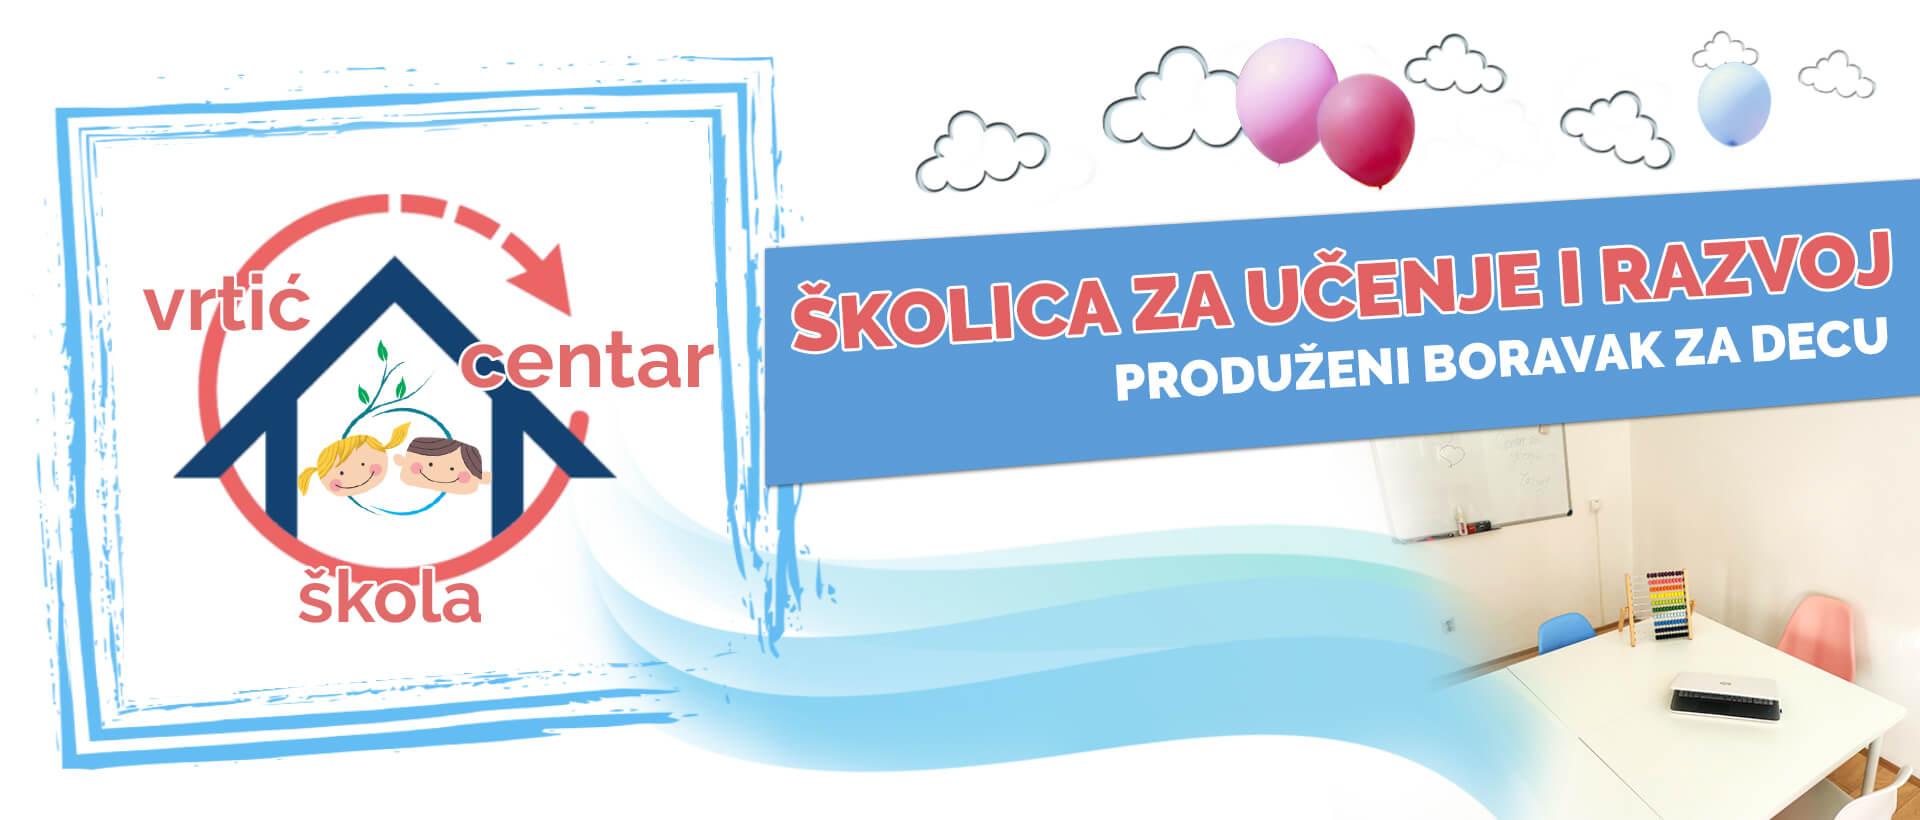 Produzeni boravak Novi Beograd - Ucenje i razvoj